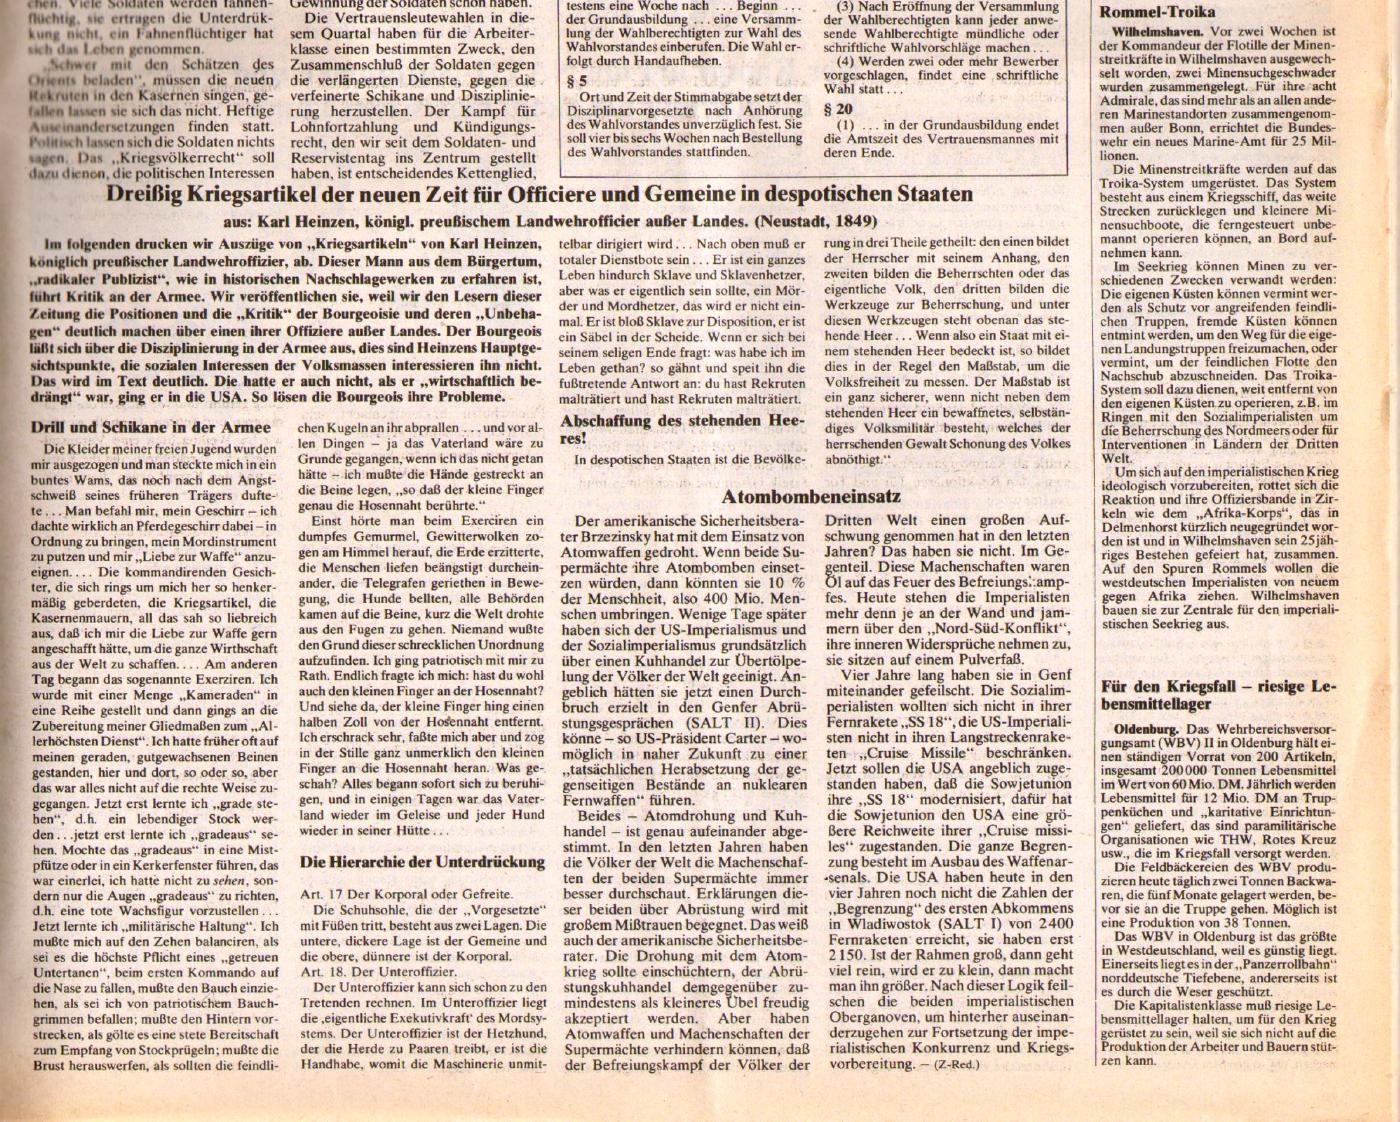 KVZ_Nord_1977_42_22